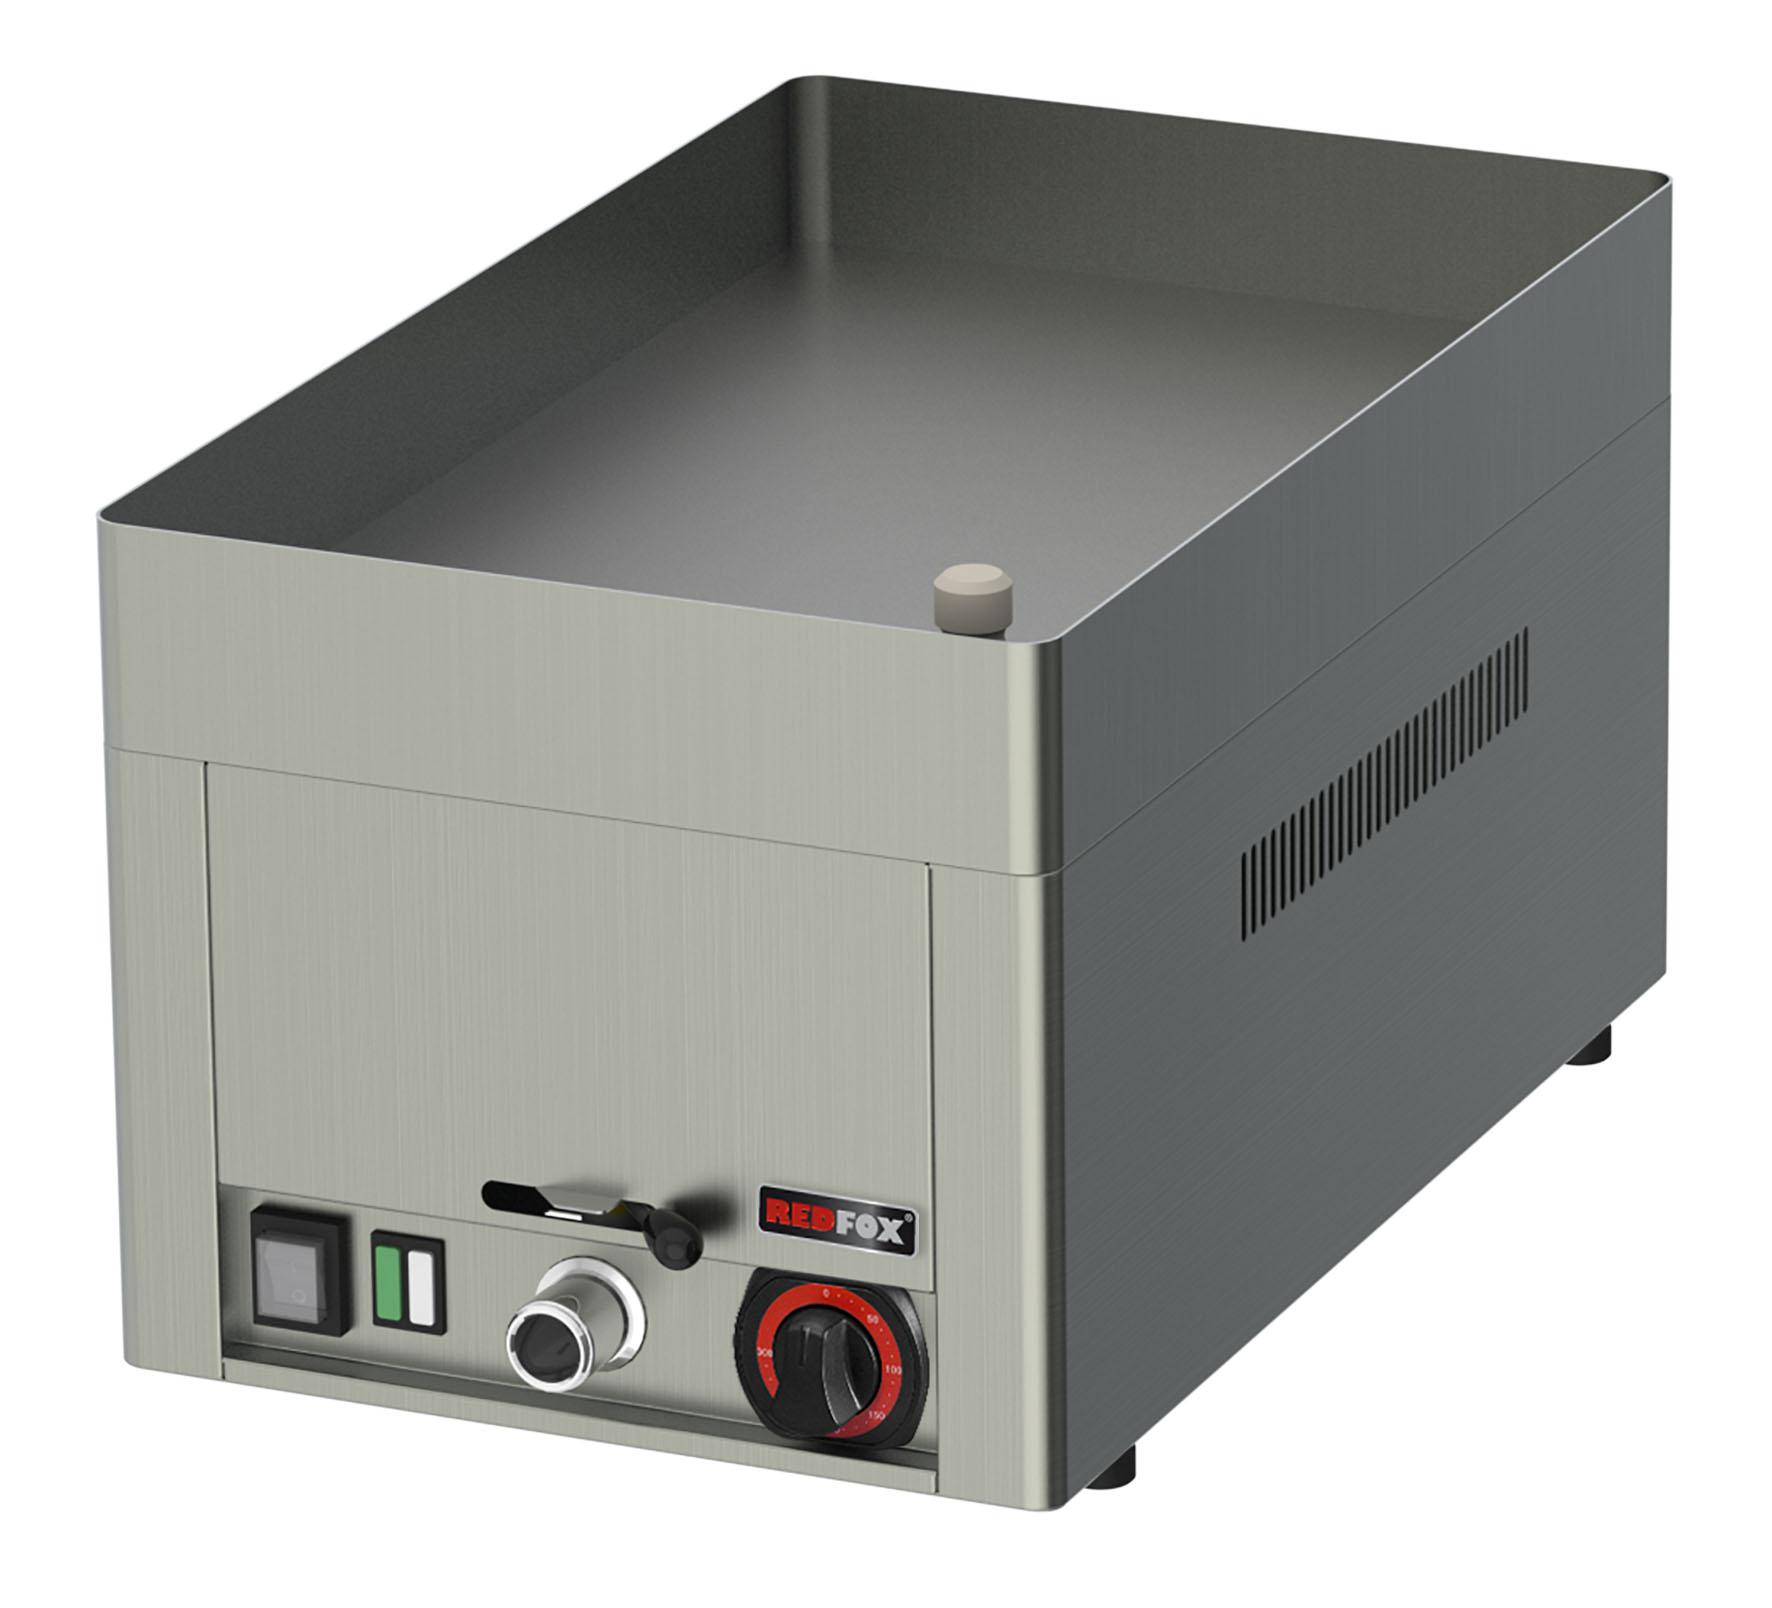 Pánev elektrická multifunkční FT 30 MK REDFOX